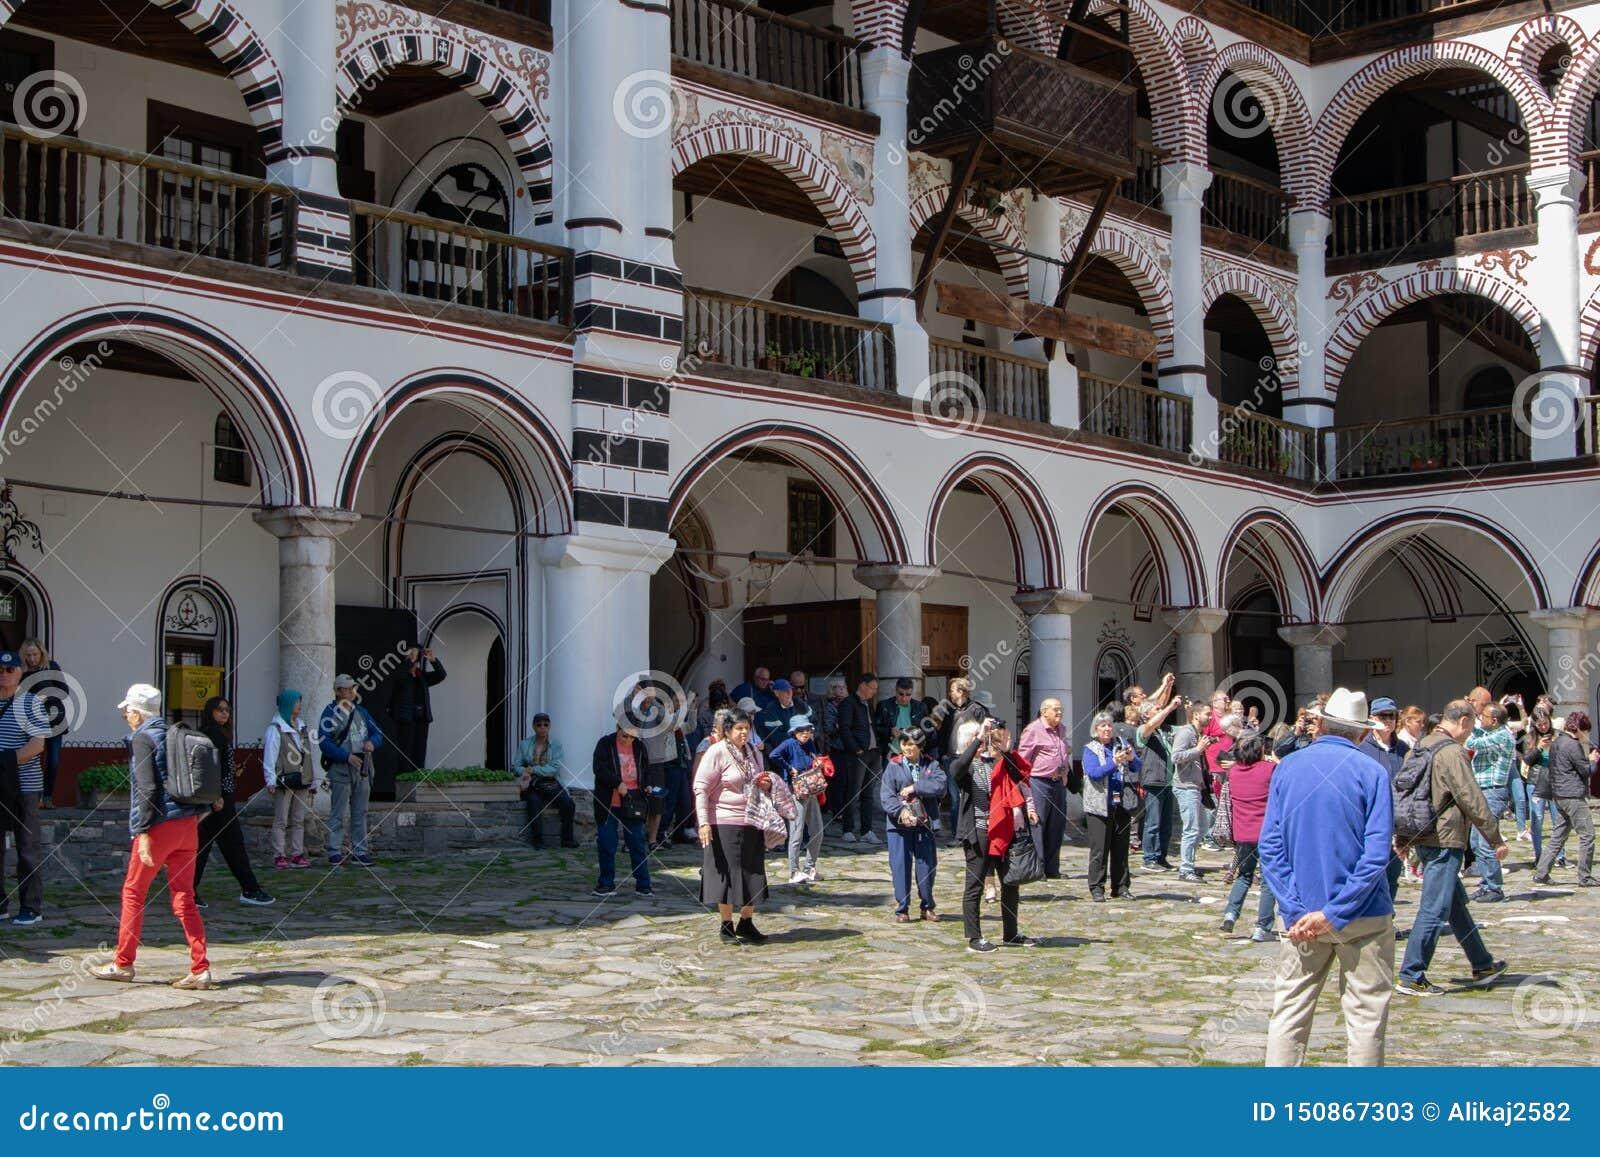 Μοναστήρι Rila, Βουλγαρία - θρησκευτικά μνημεία επίσκεψης τουριστών